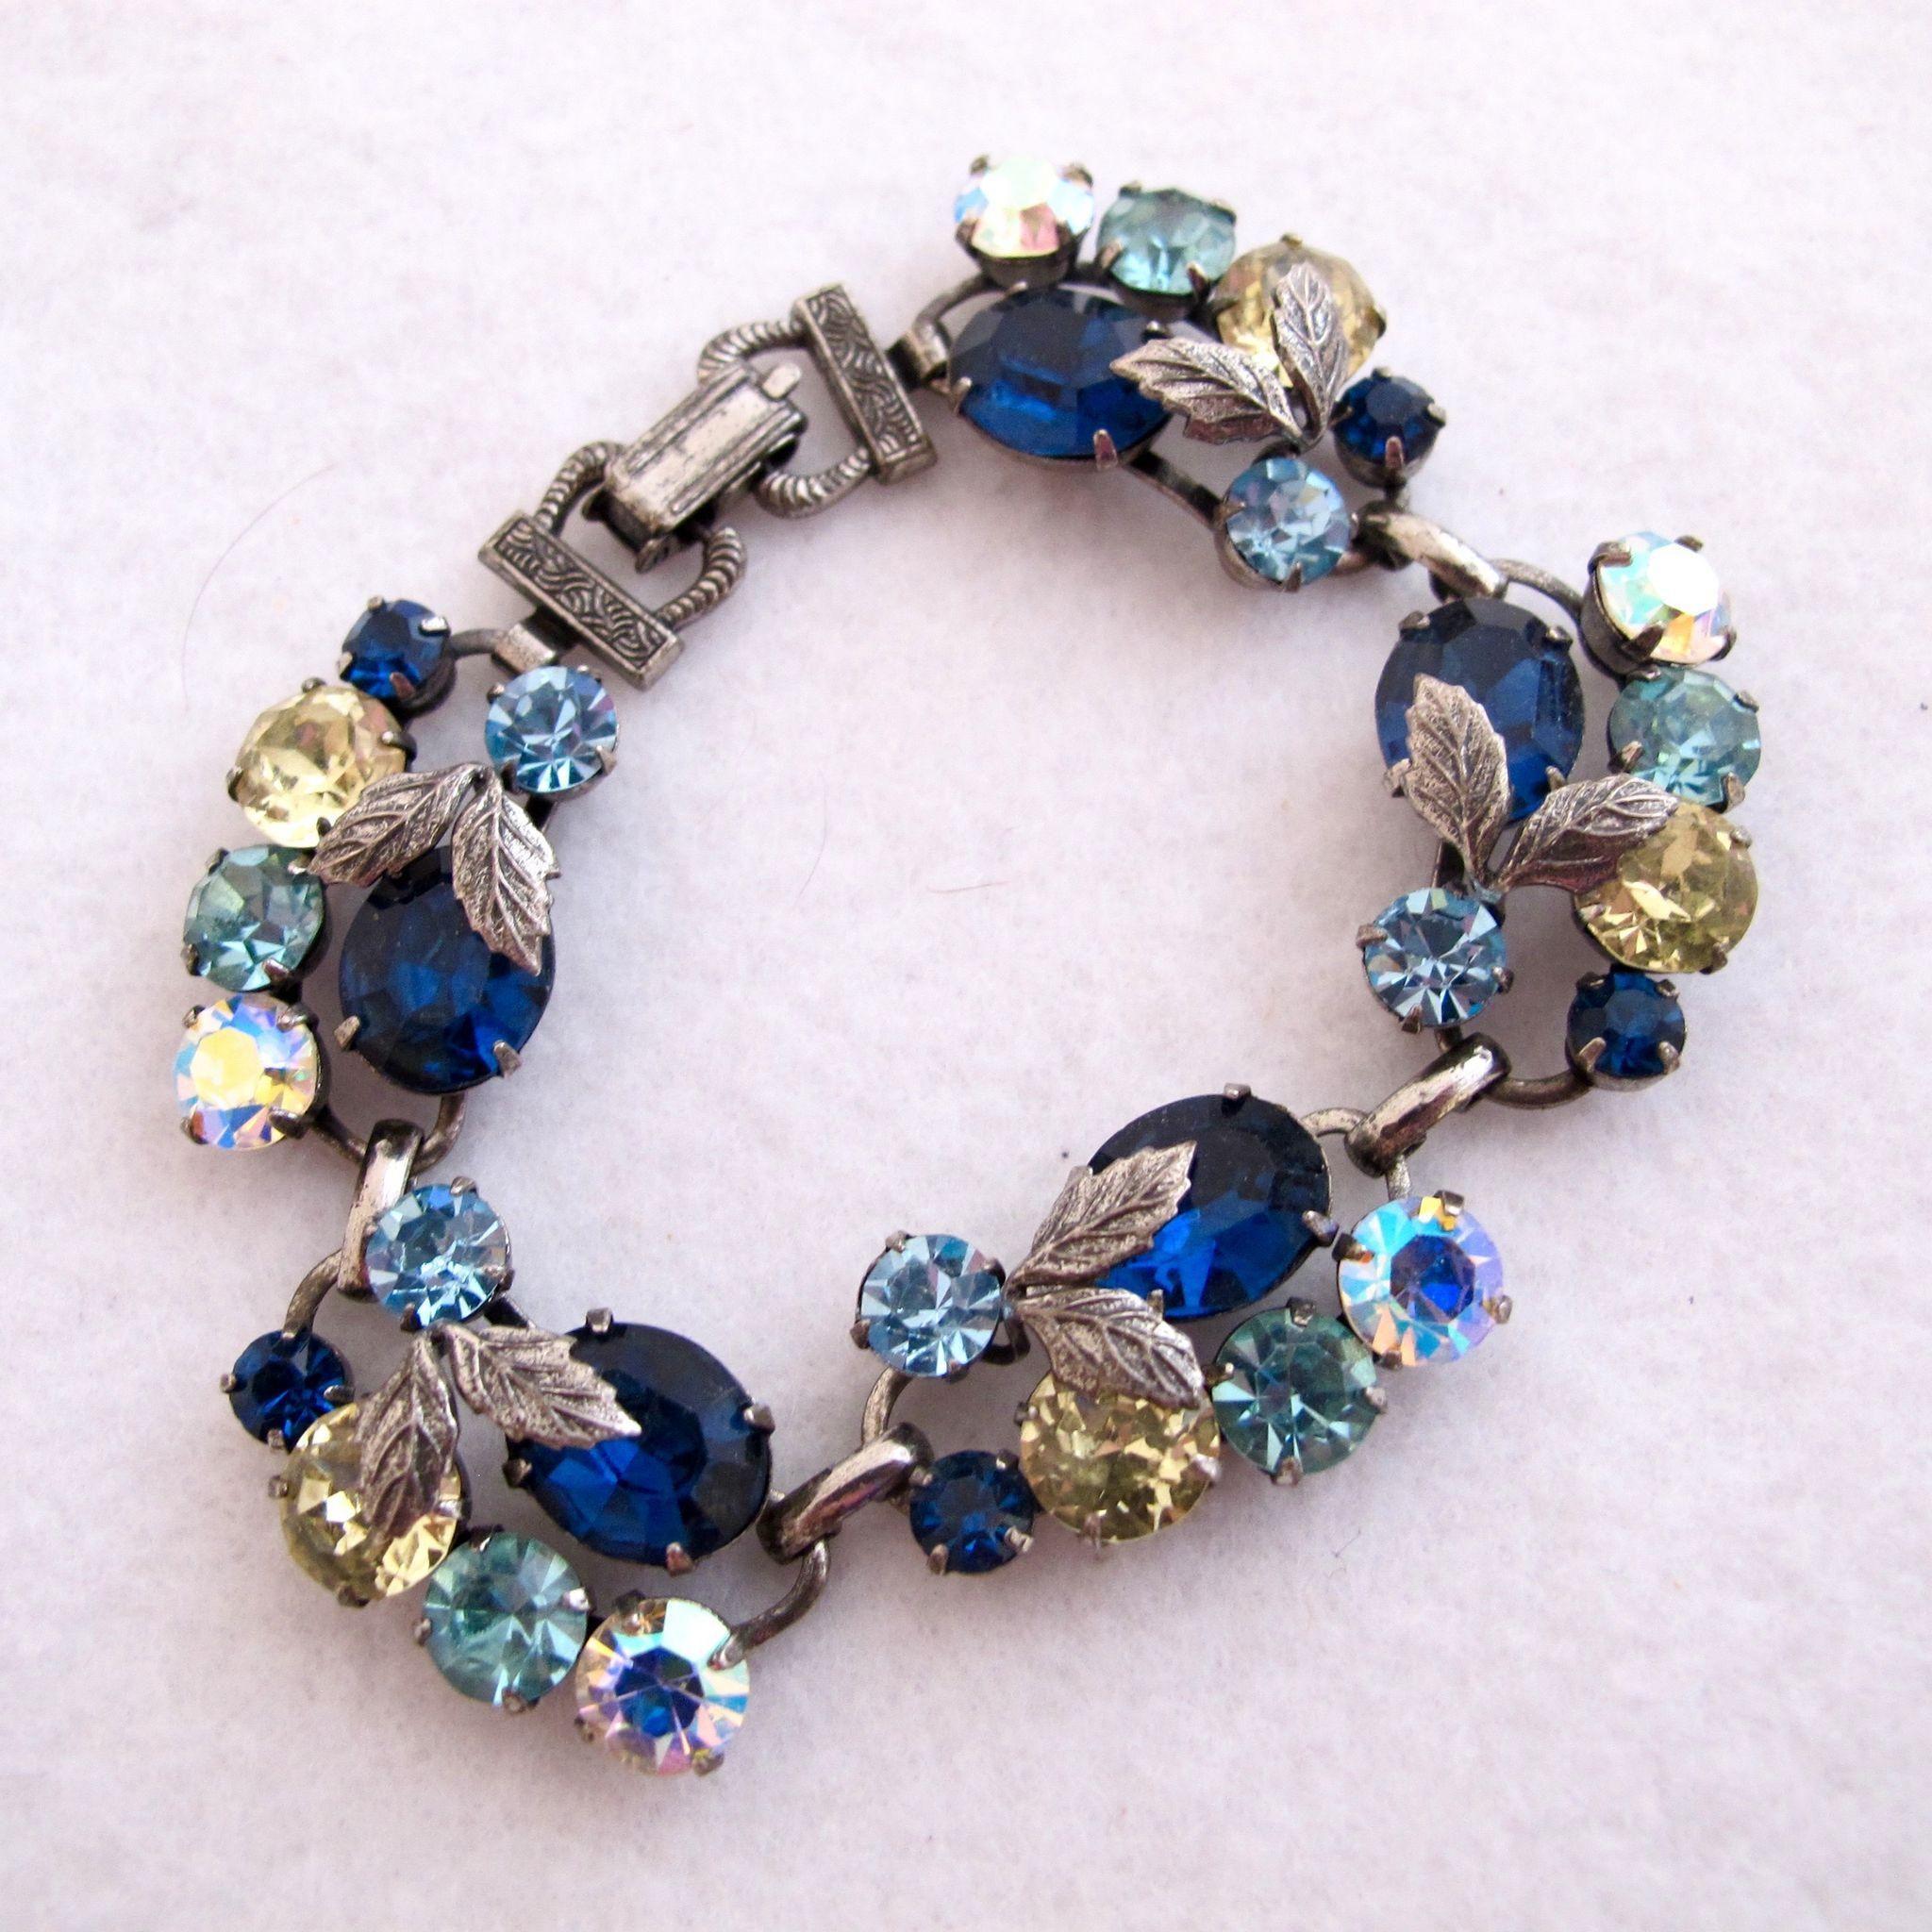 Vintage Baby Blue Ribbon and Rhinestone Bangle Bracelet